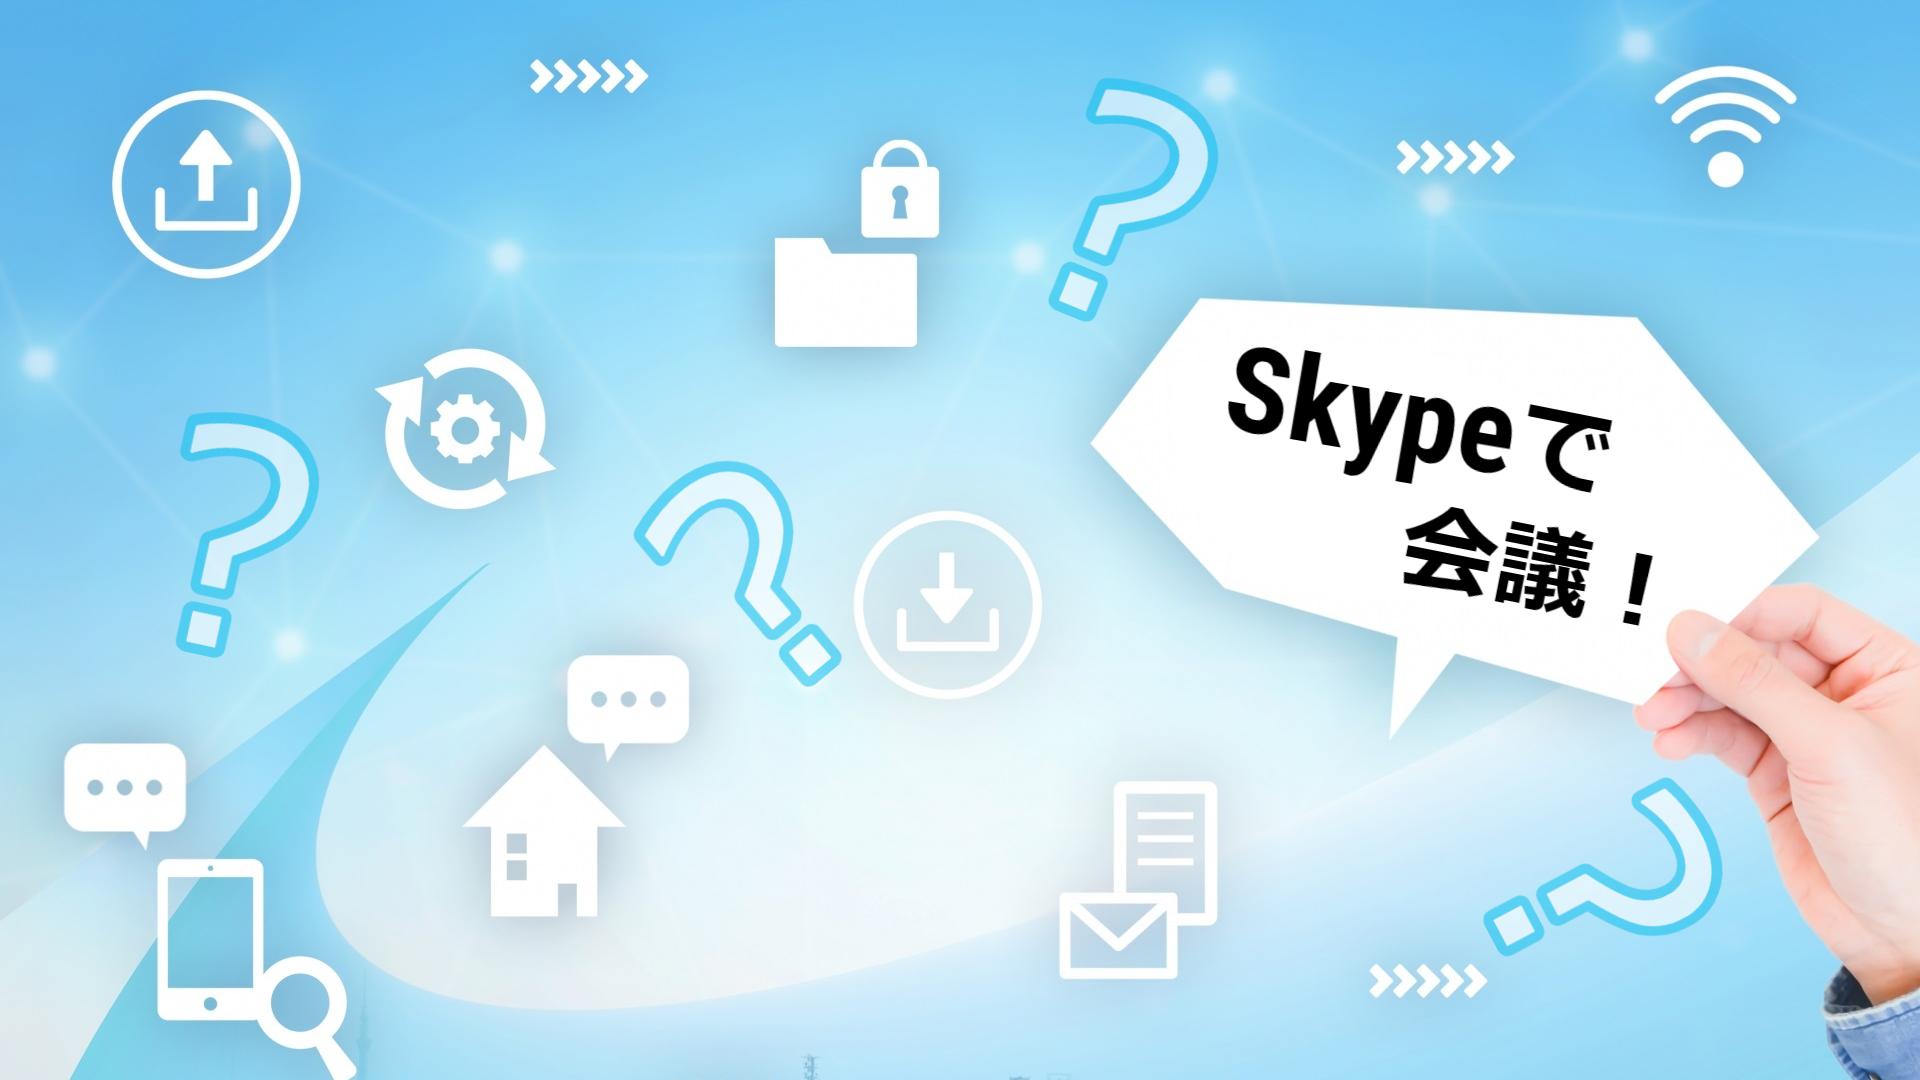 マイクロソフトアカウント、メールアドレス、サインイン・・面倒くさいのか?|職住隣接物語 ngsw.net